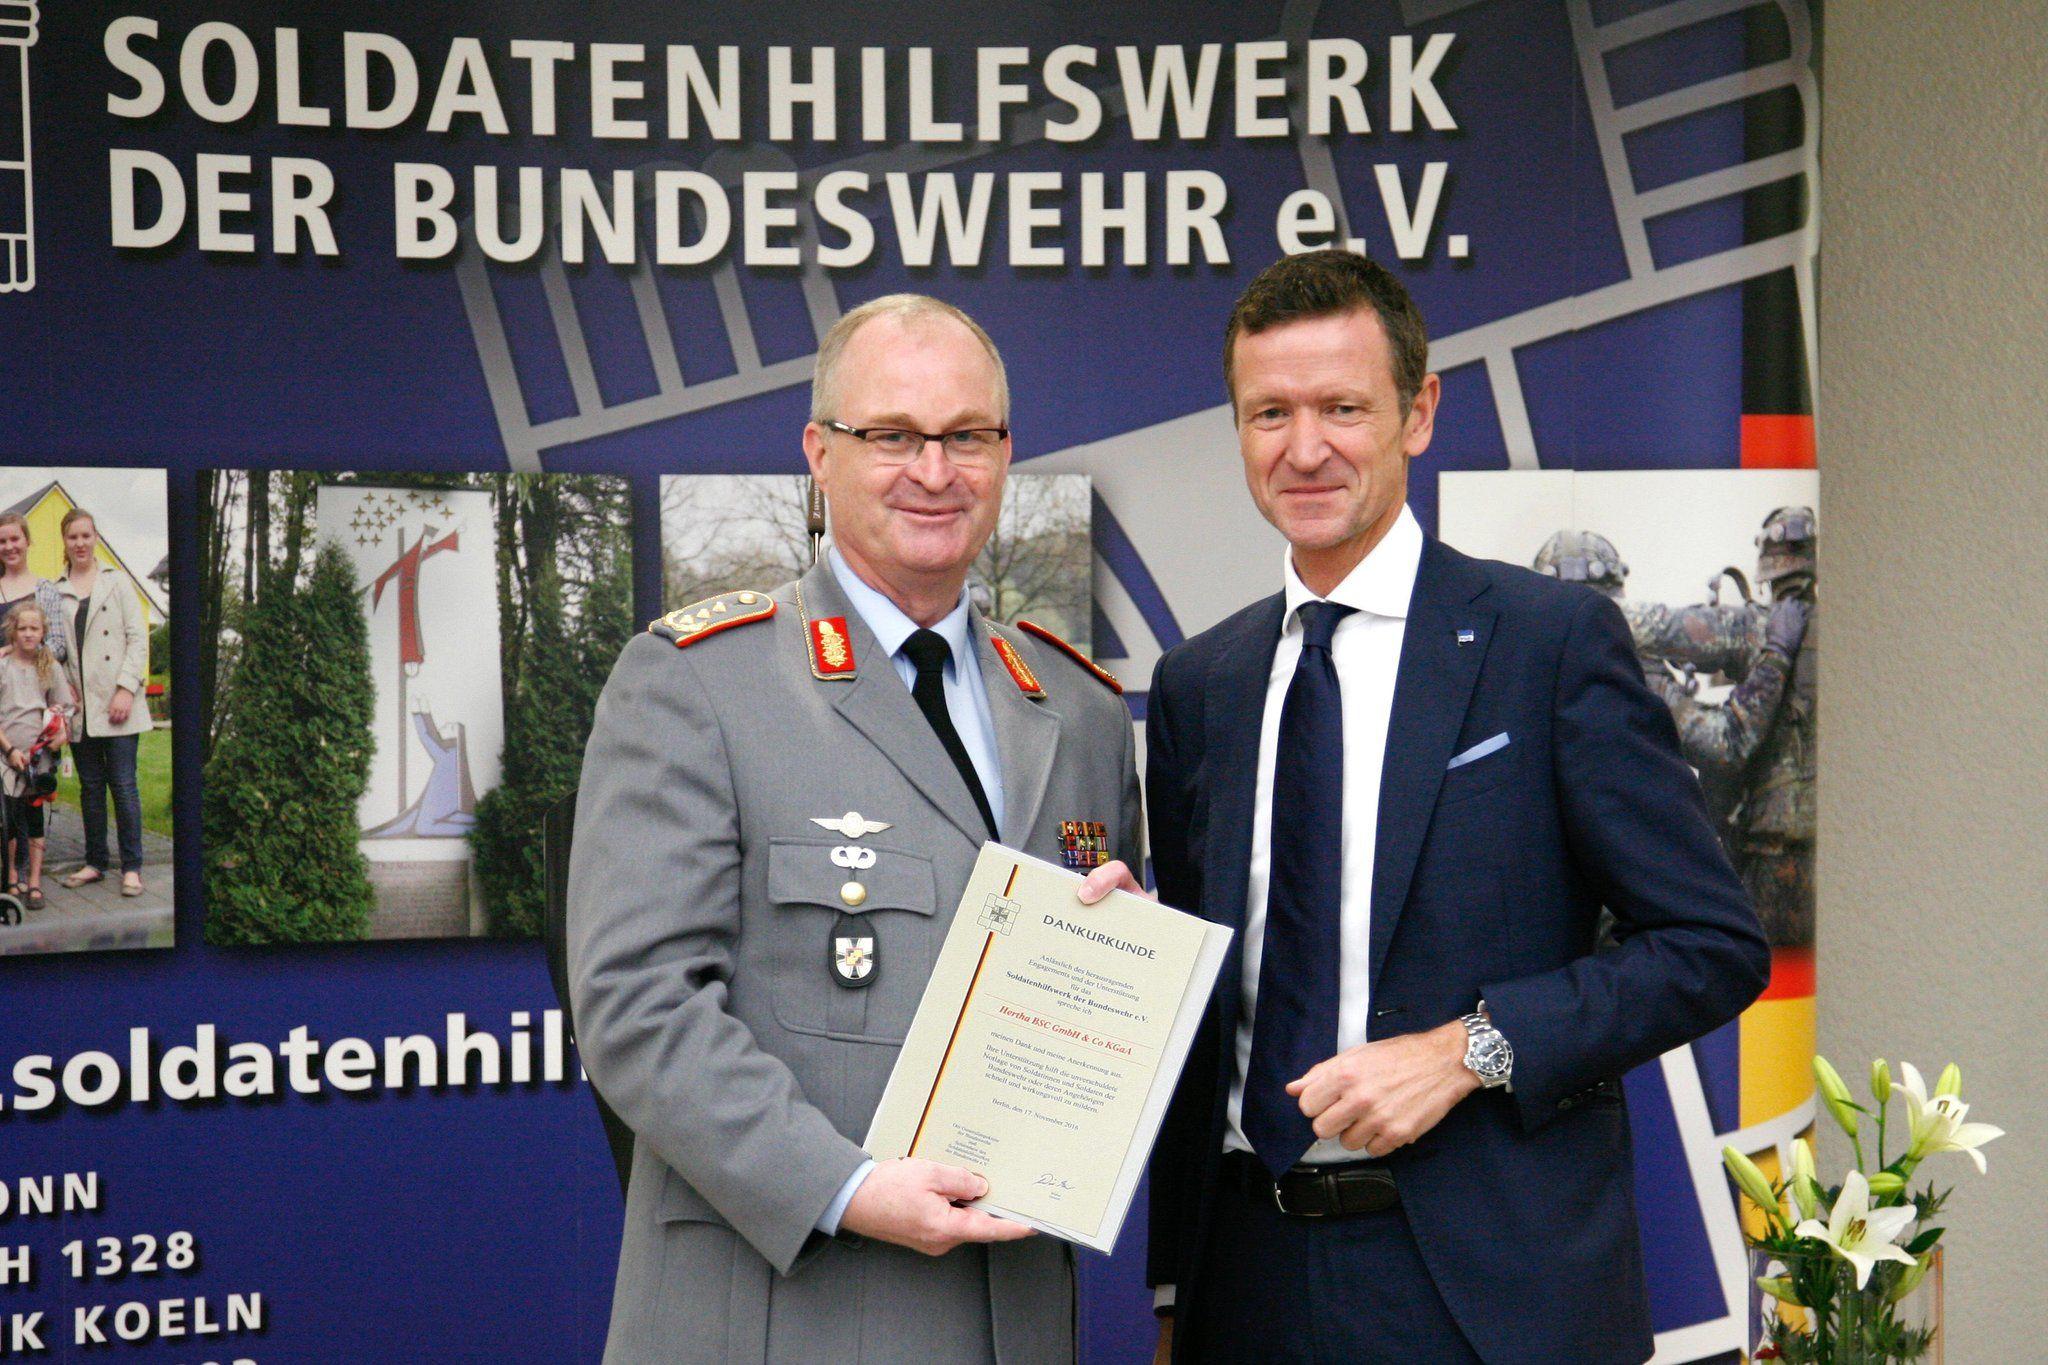 Wir unterstützen seit lagem das Soldatenhilfswerk der @bundeswehrInfo und freuen uns sehr über Wertschätzung. https://t.co/iMt5YOmiwv